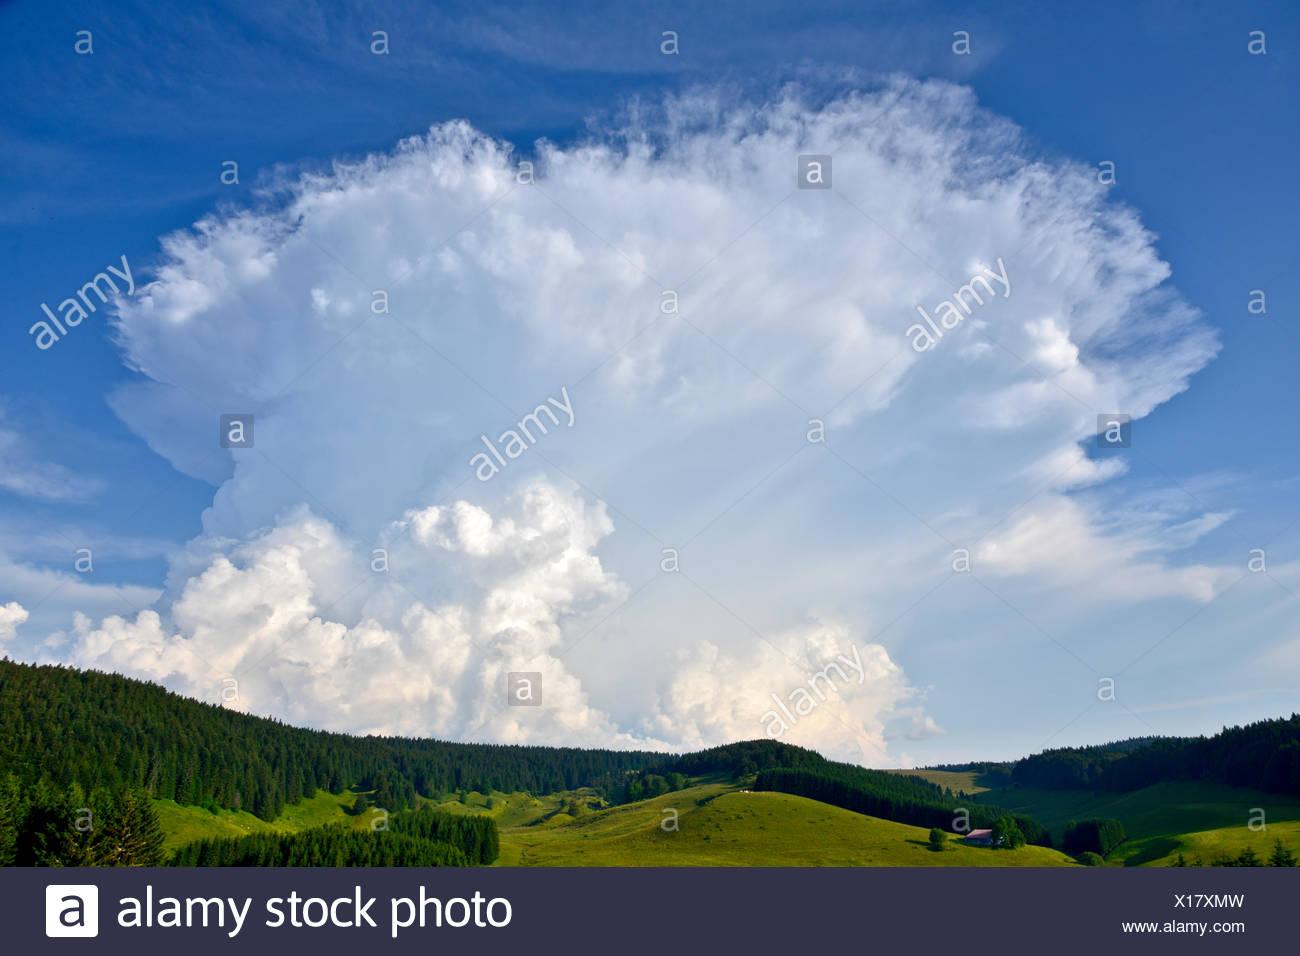 Cumulonimbus training in summer - Jura France - Stock Image